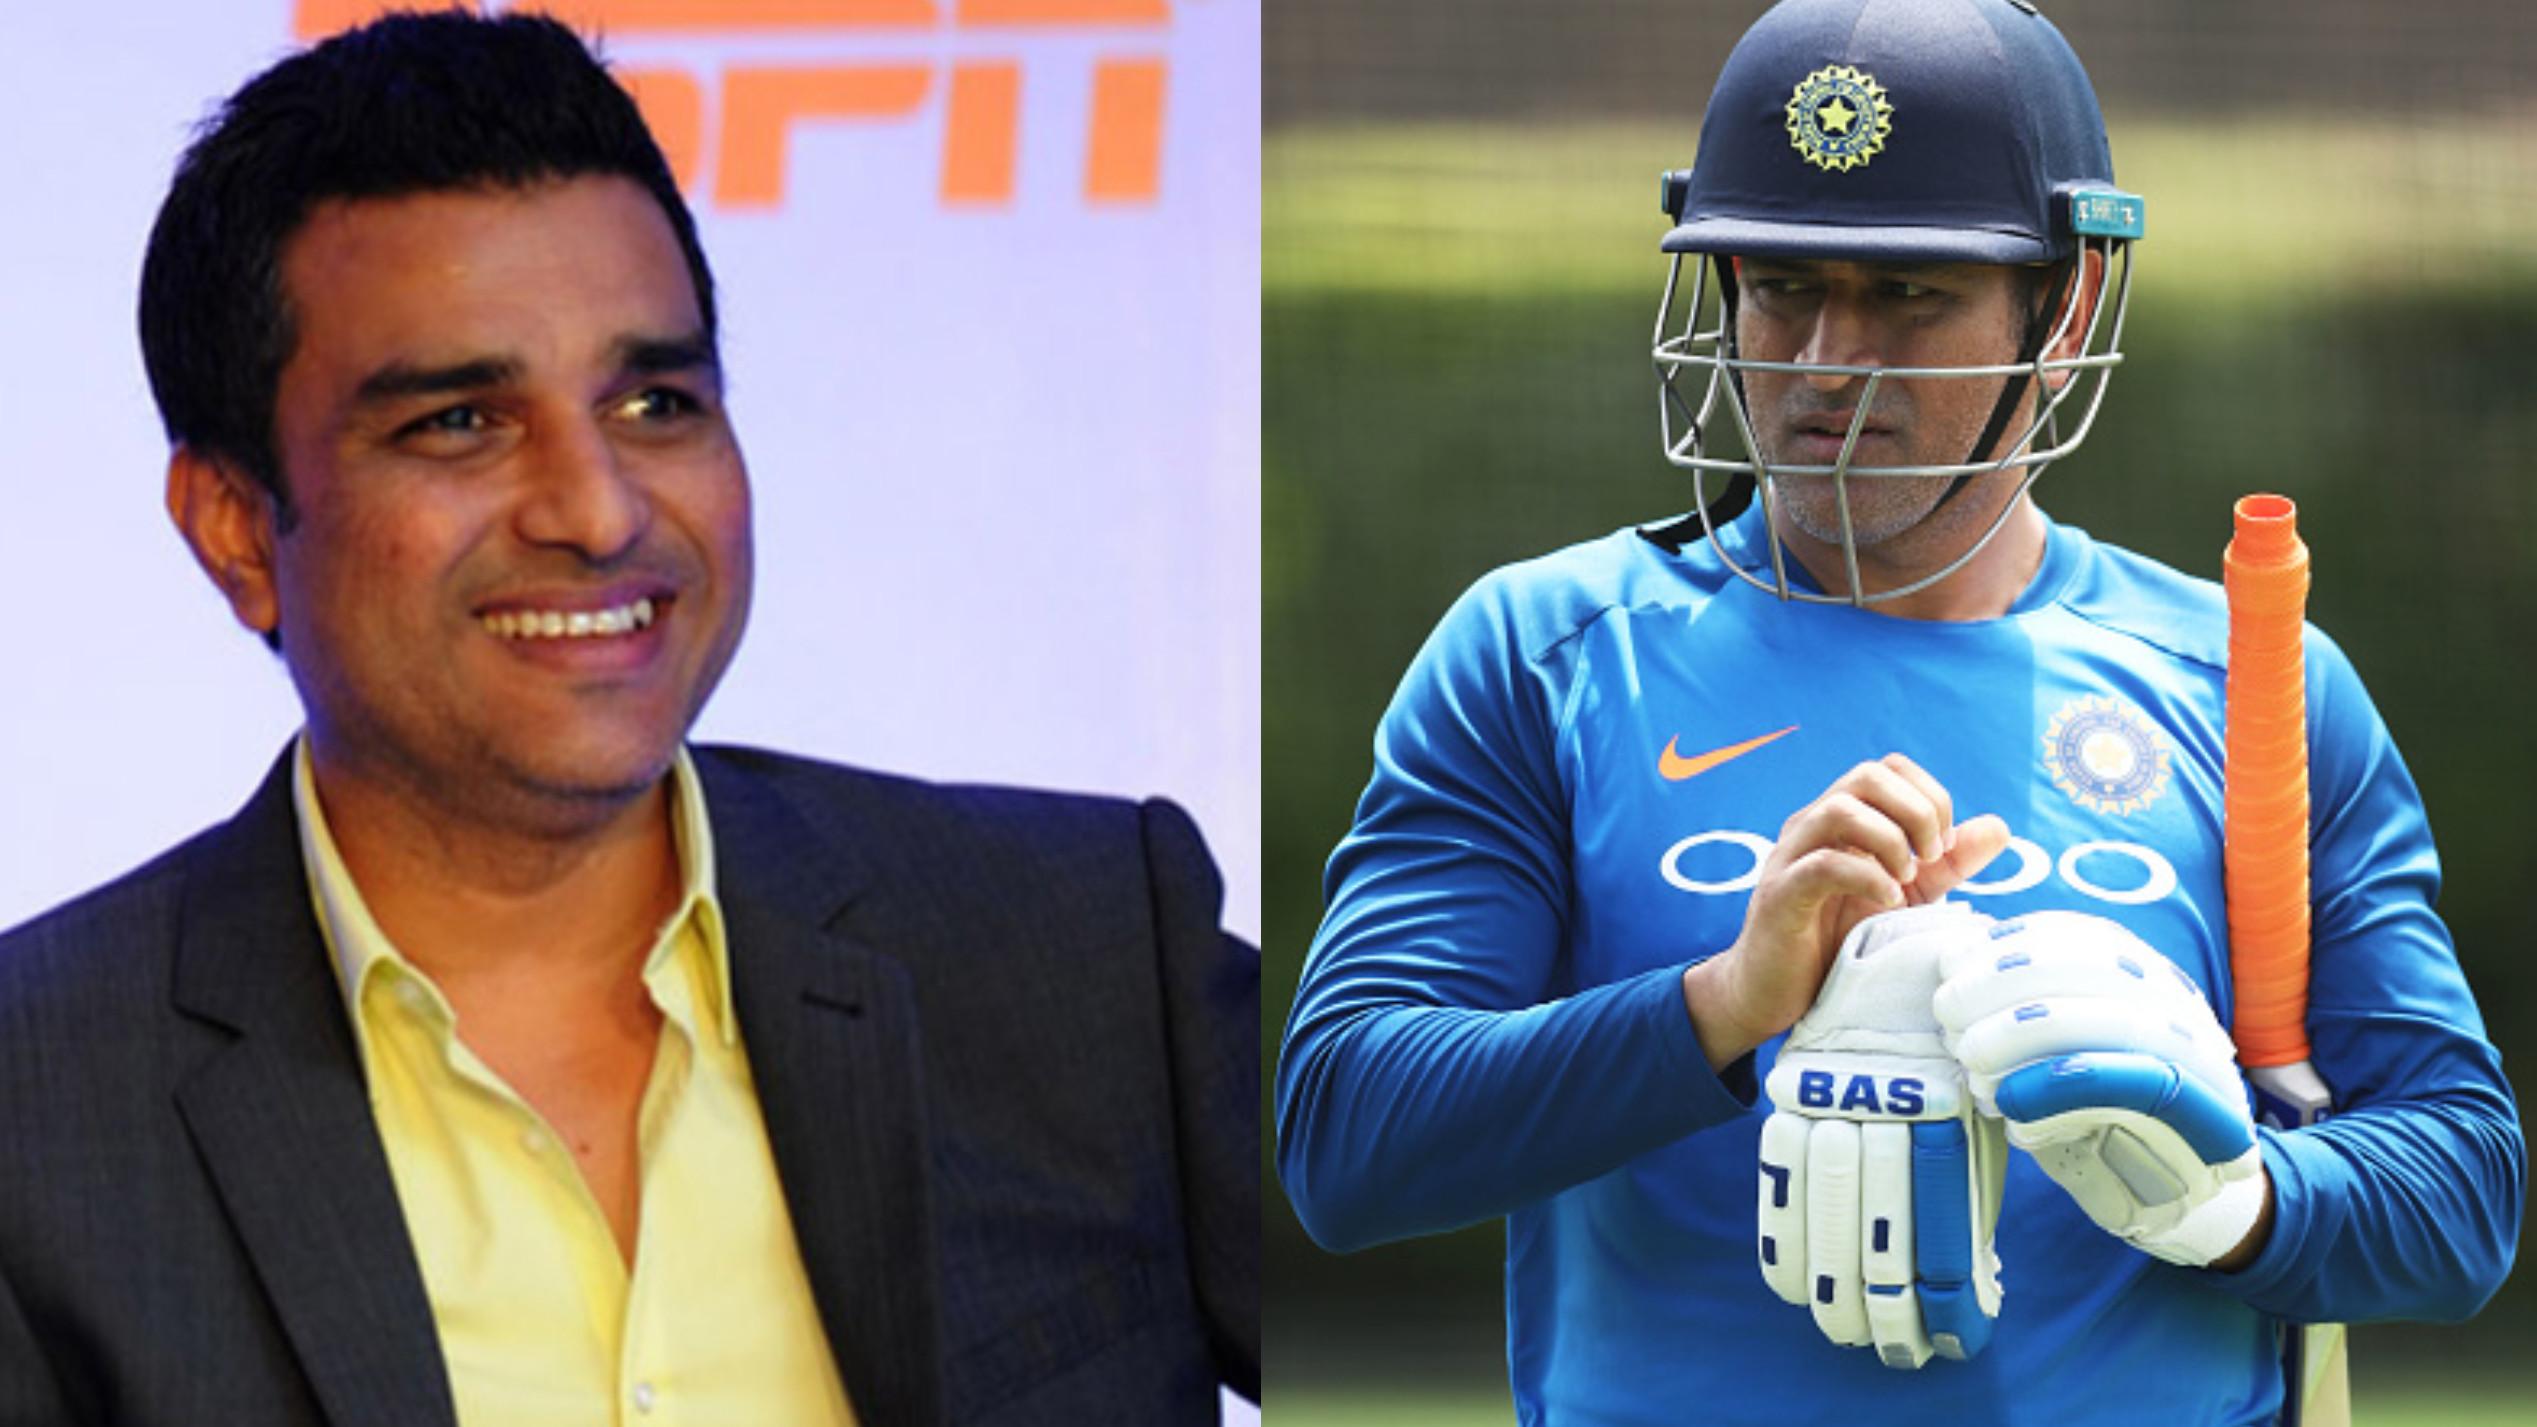 CWC 2019: संजय मांजरेकर के अनुसार भारत को २०१९ विश्व कप में एमएस धोनी के शांत स्वाभाव की होगी जरुरत